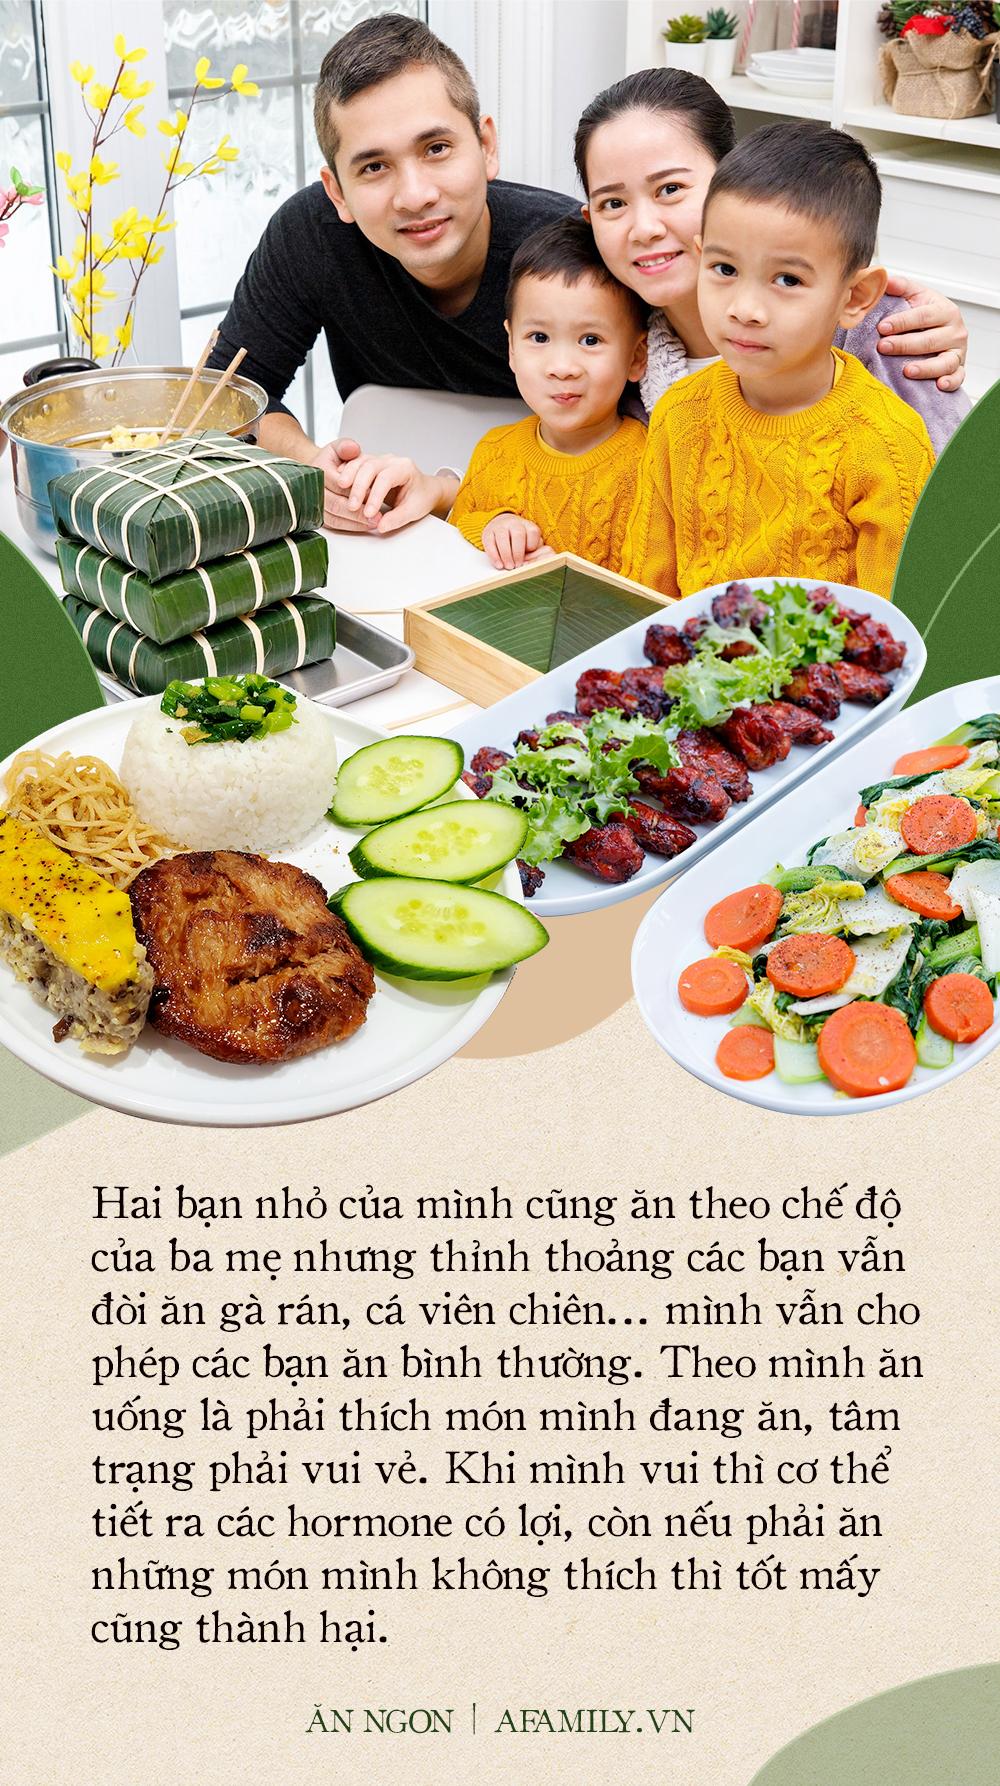 Hot mom Việt sống tại Canada chia sẻ câu chuyện nhờ ăn uống thiên về thực vật mà bản thân luôn tỏa ra nguồn năng lượng vô cùng tích cực - Ảnh 2.